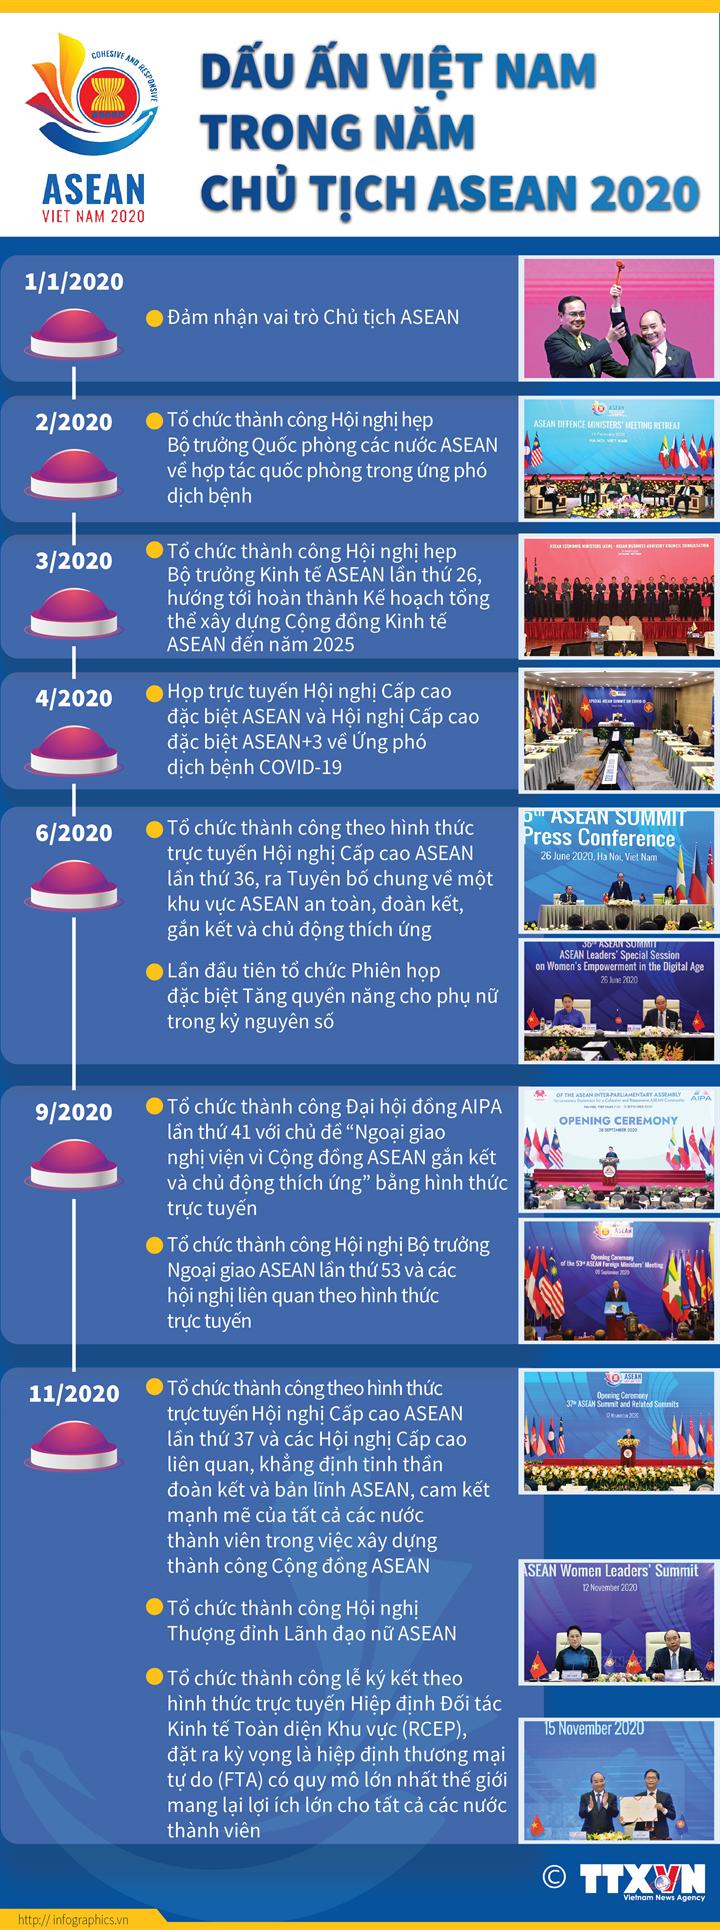 Dấu ấn Việt Nam trong Năm Chủ tịch ASEAN 2020